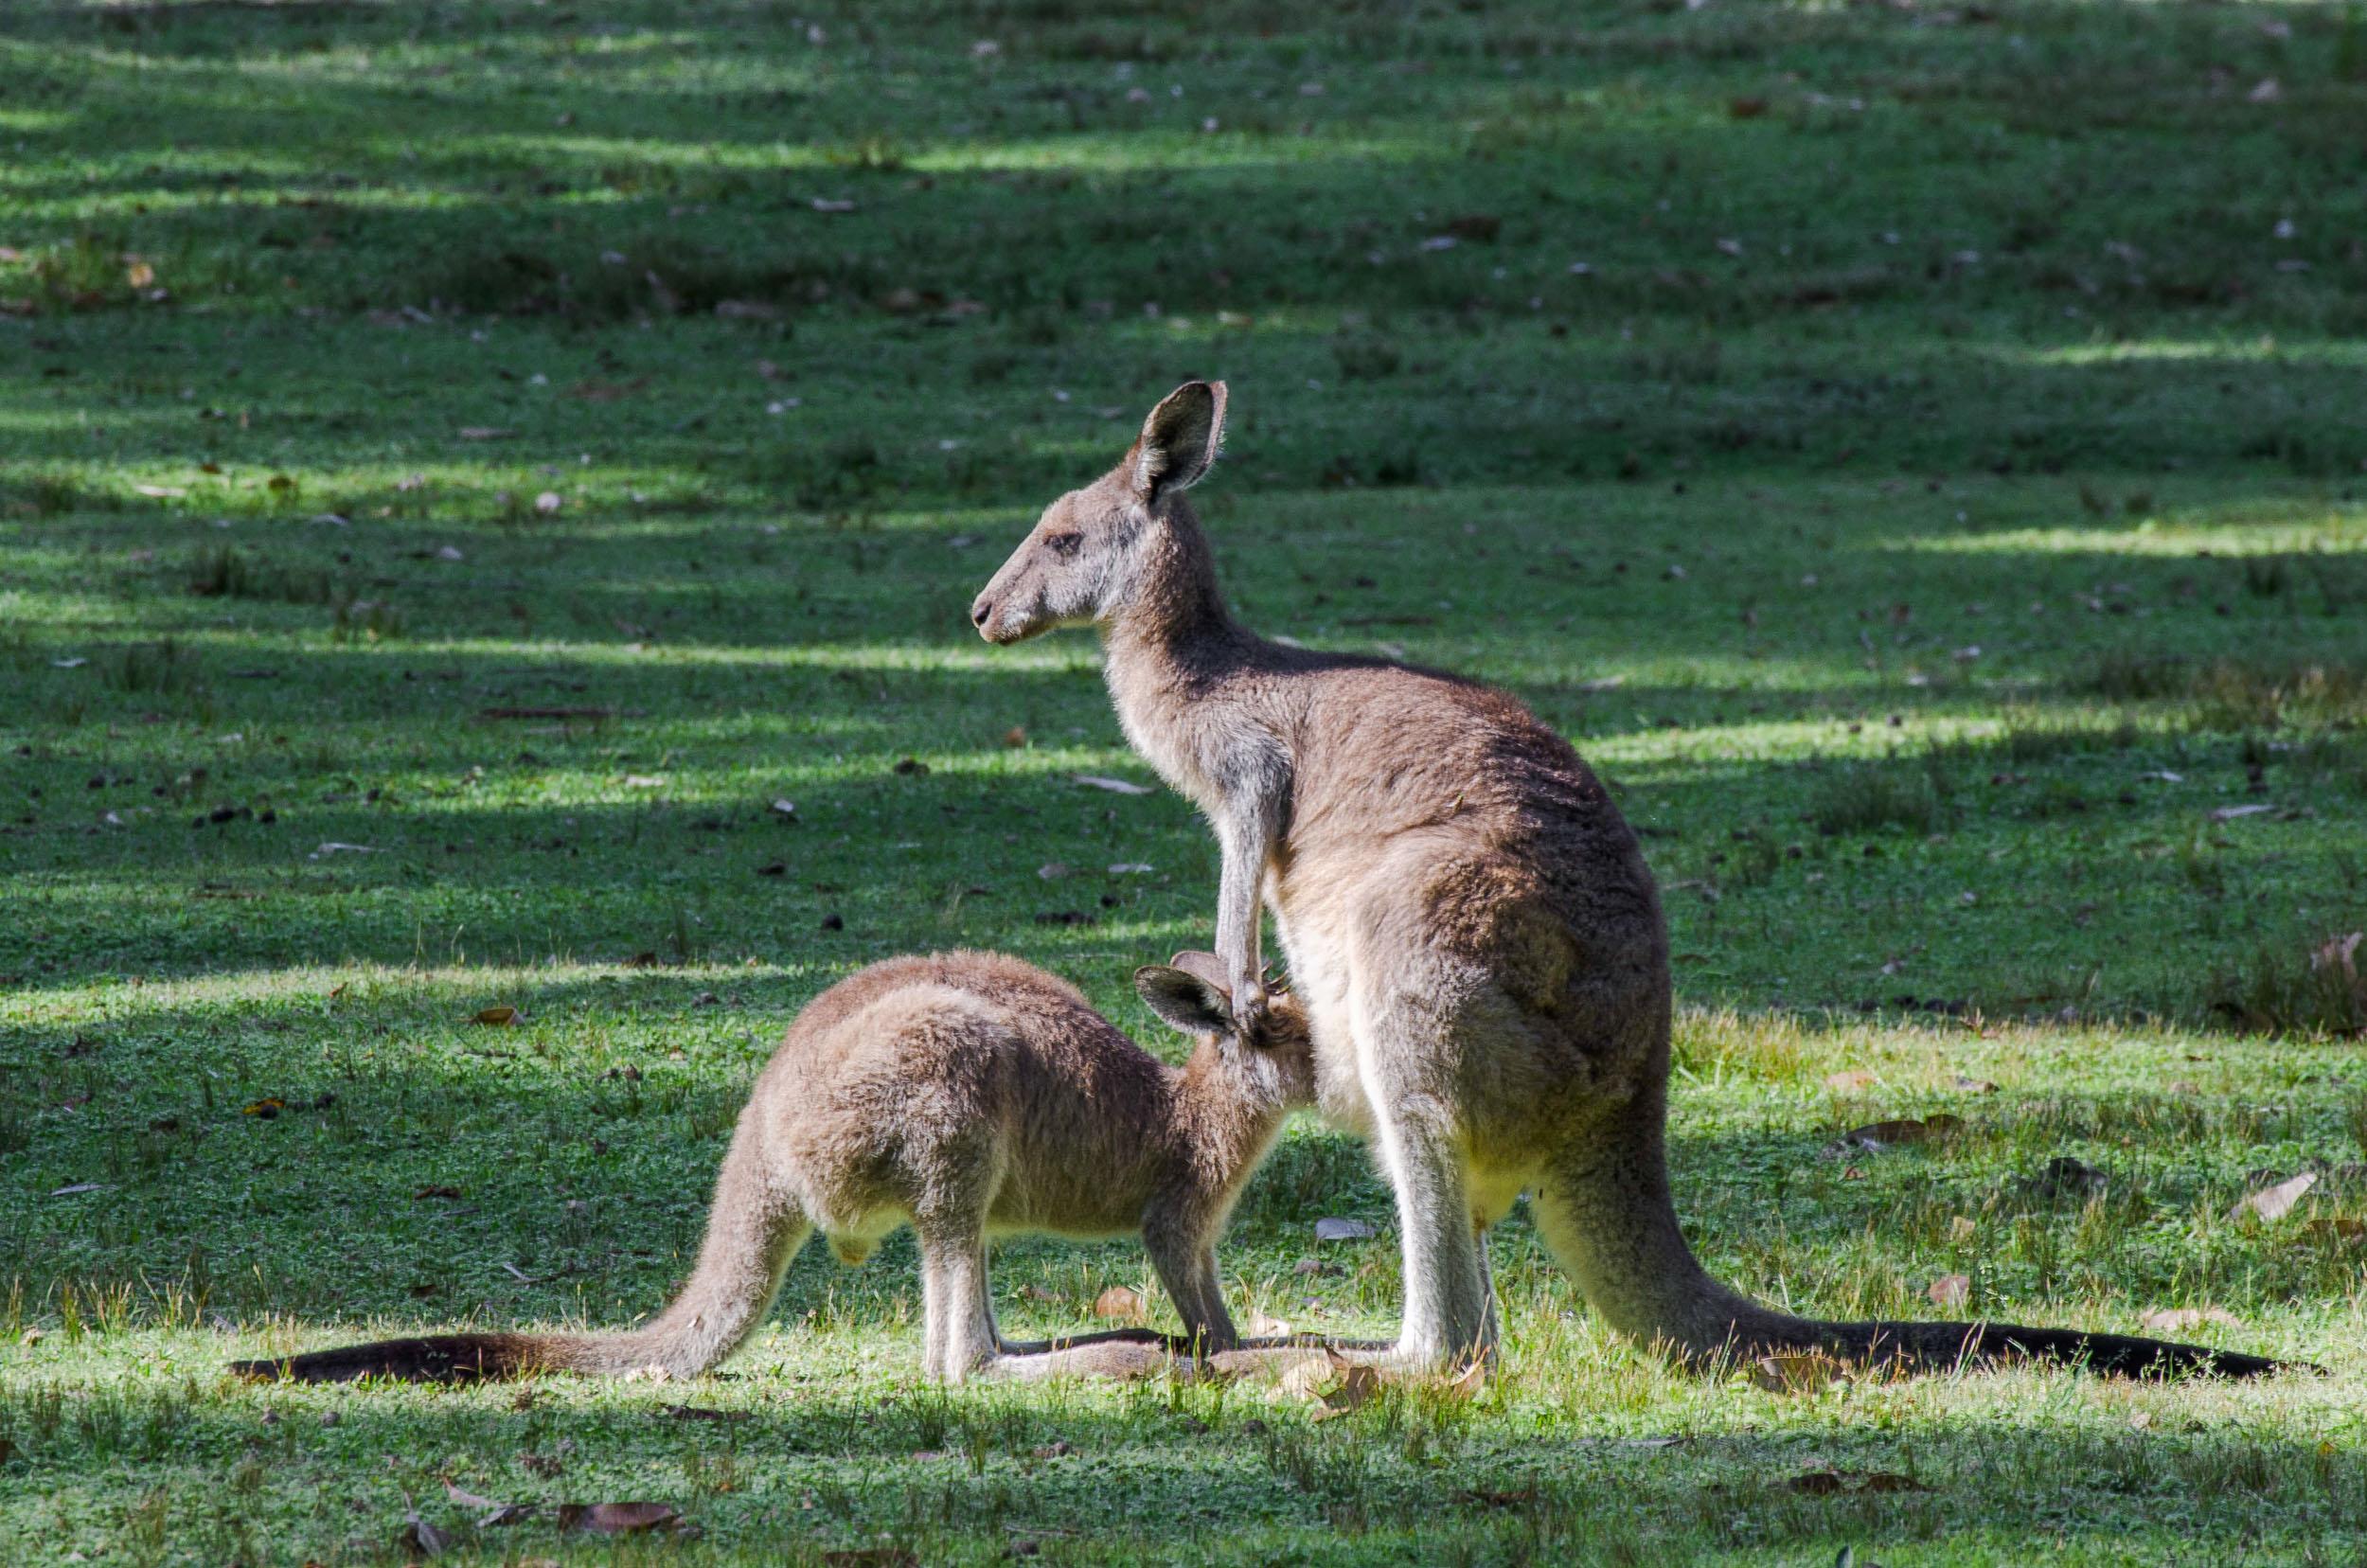 pebbly beach kangourous road trip sydney-melbourne